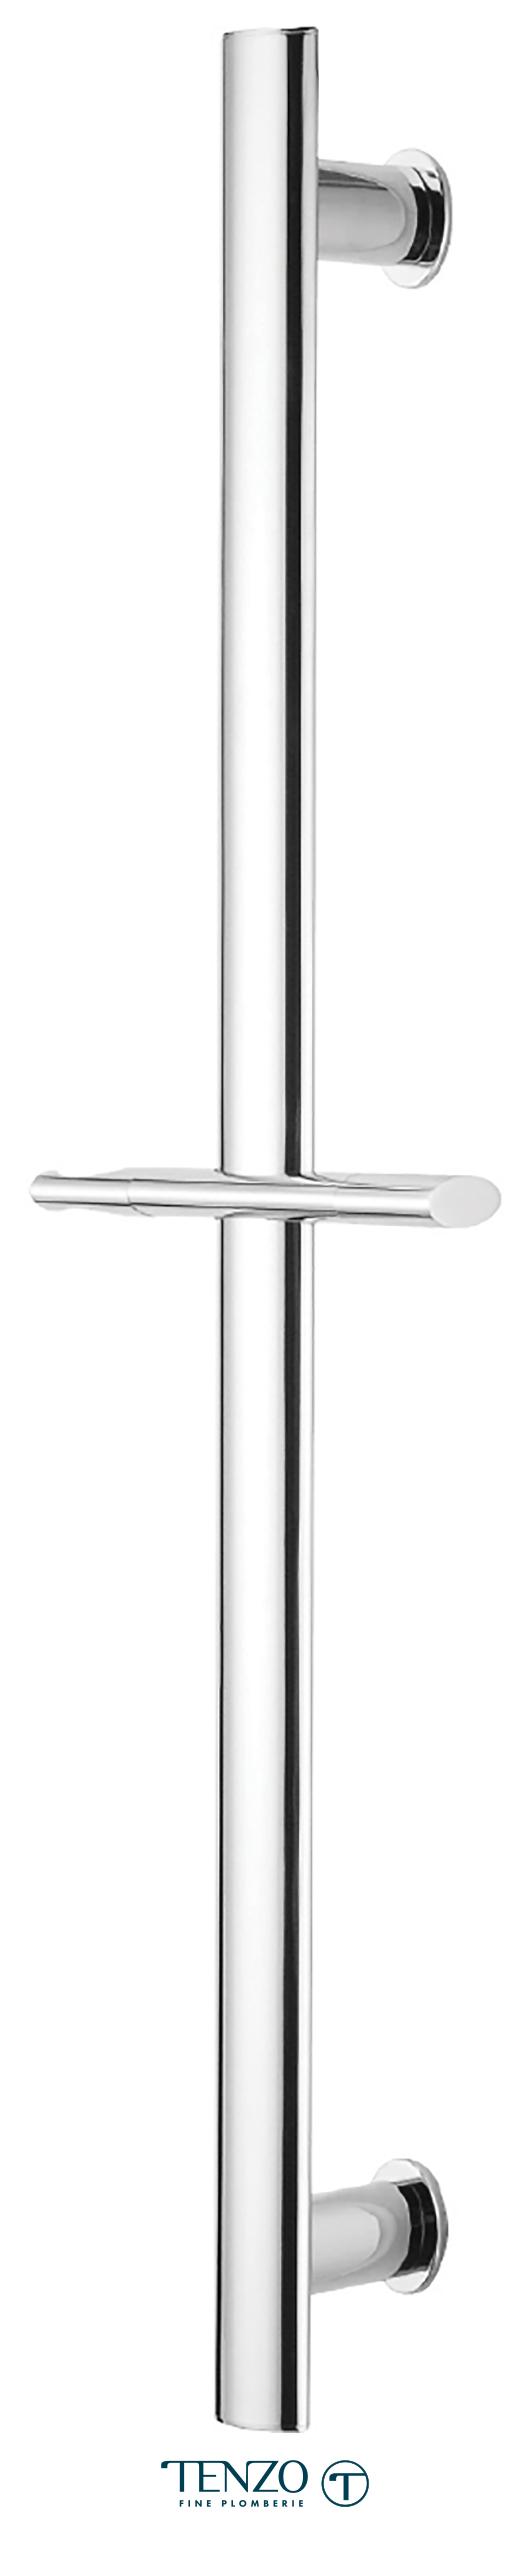 RD-02 - Rail de douche en laiton chrome